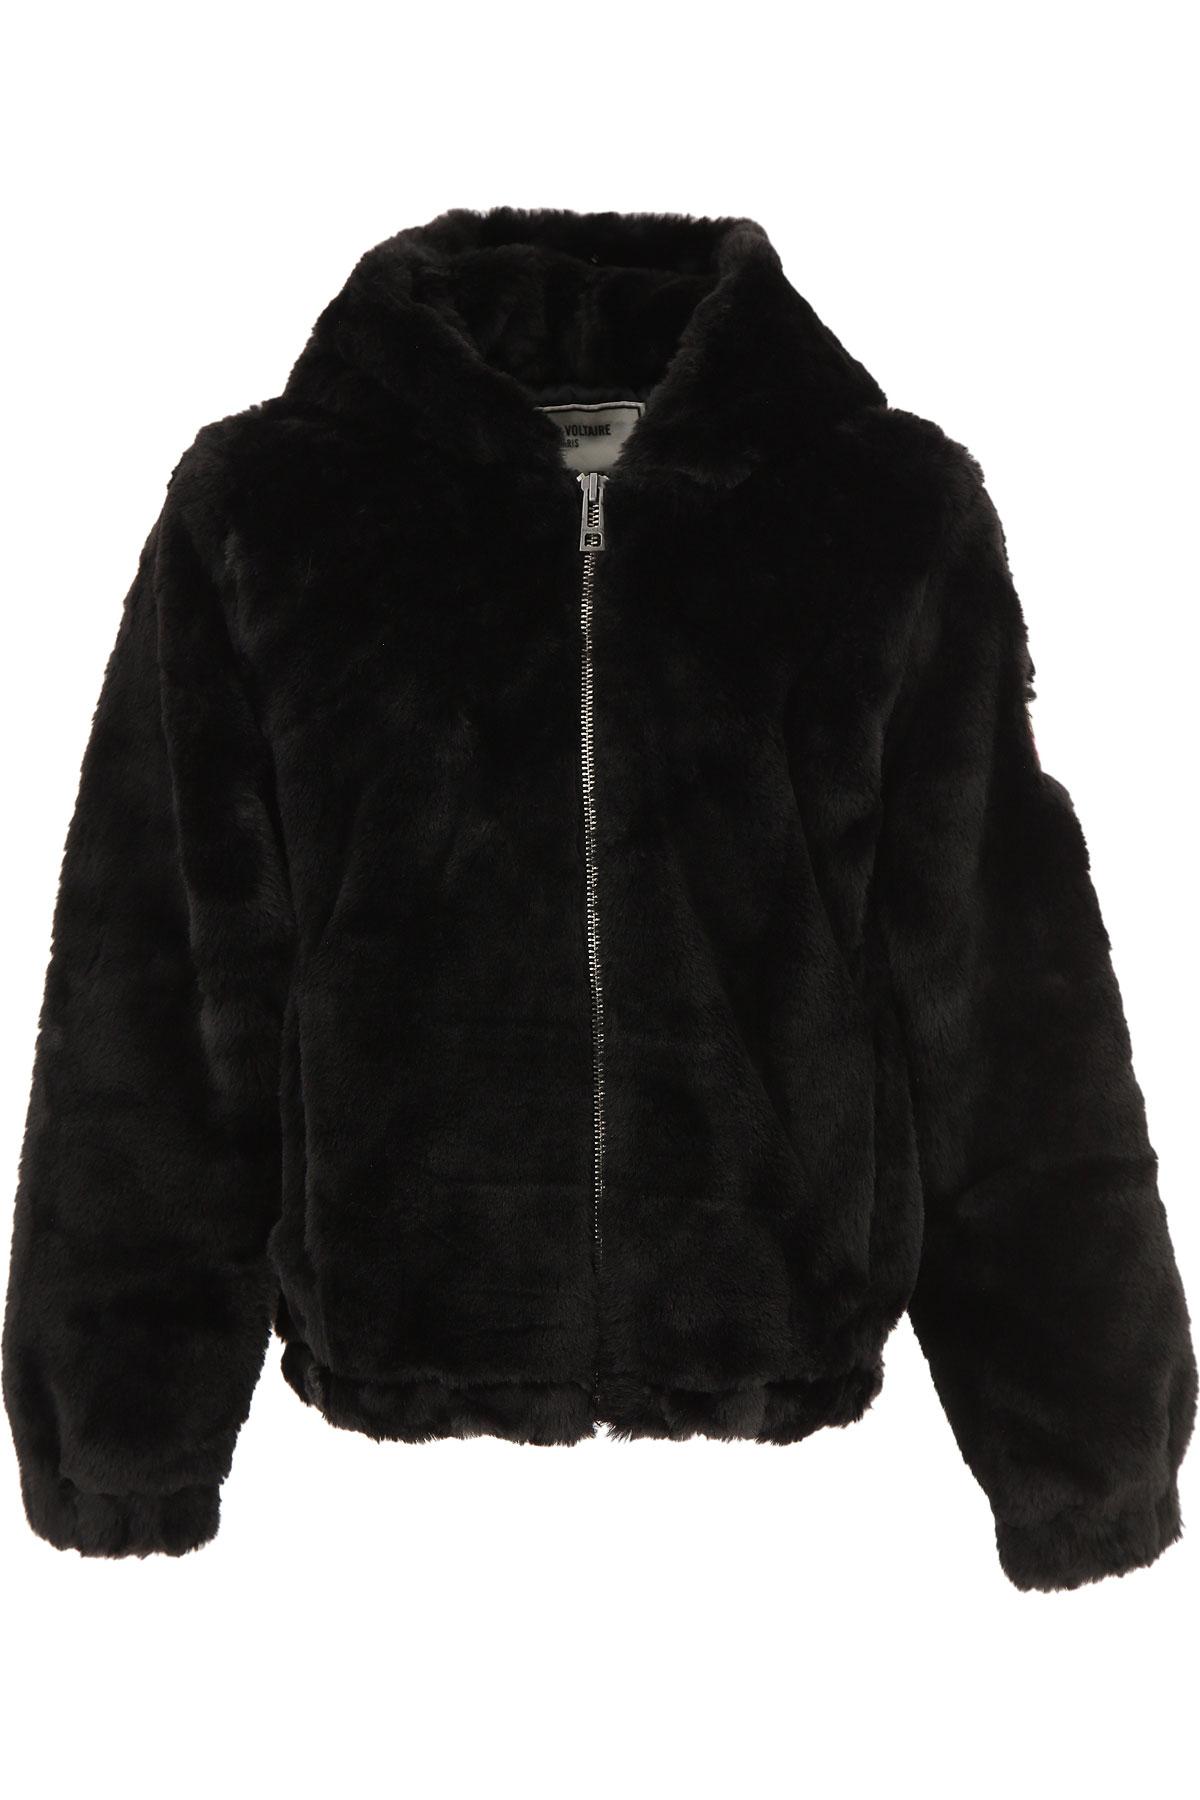 Zadig & Voltaire Kids Jacket for Girls On Sale, Black, polyester, 2019, 10Y 12Y 14Y 16Y 8Y